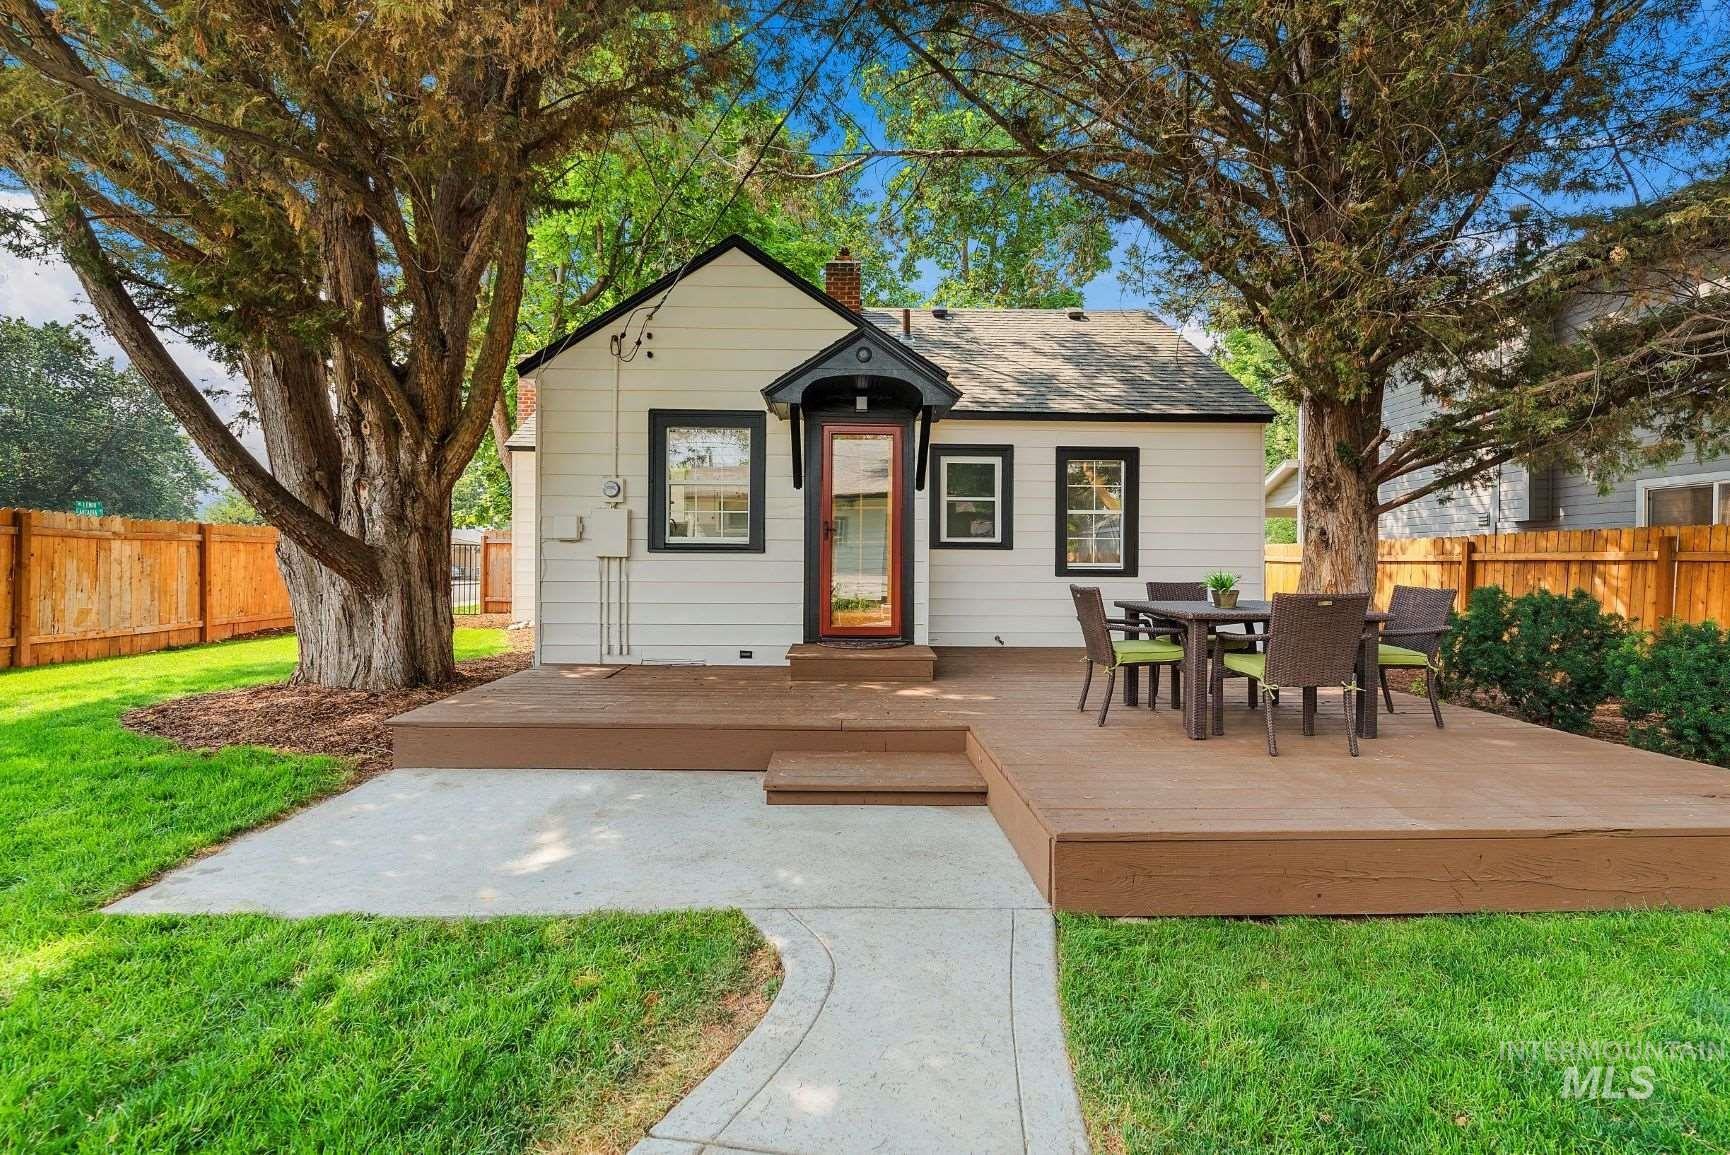 2030 S Arcadia Street, Boise, ID 83705 - MLS#: 98778991